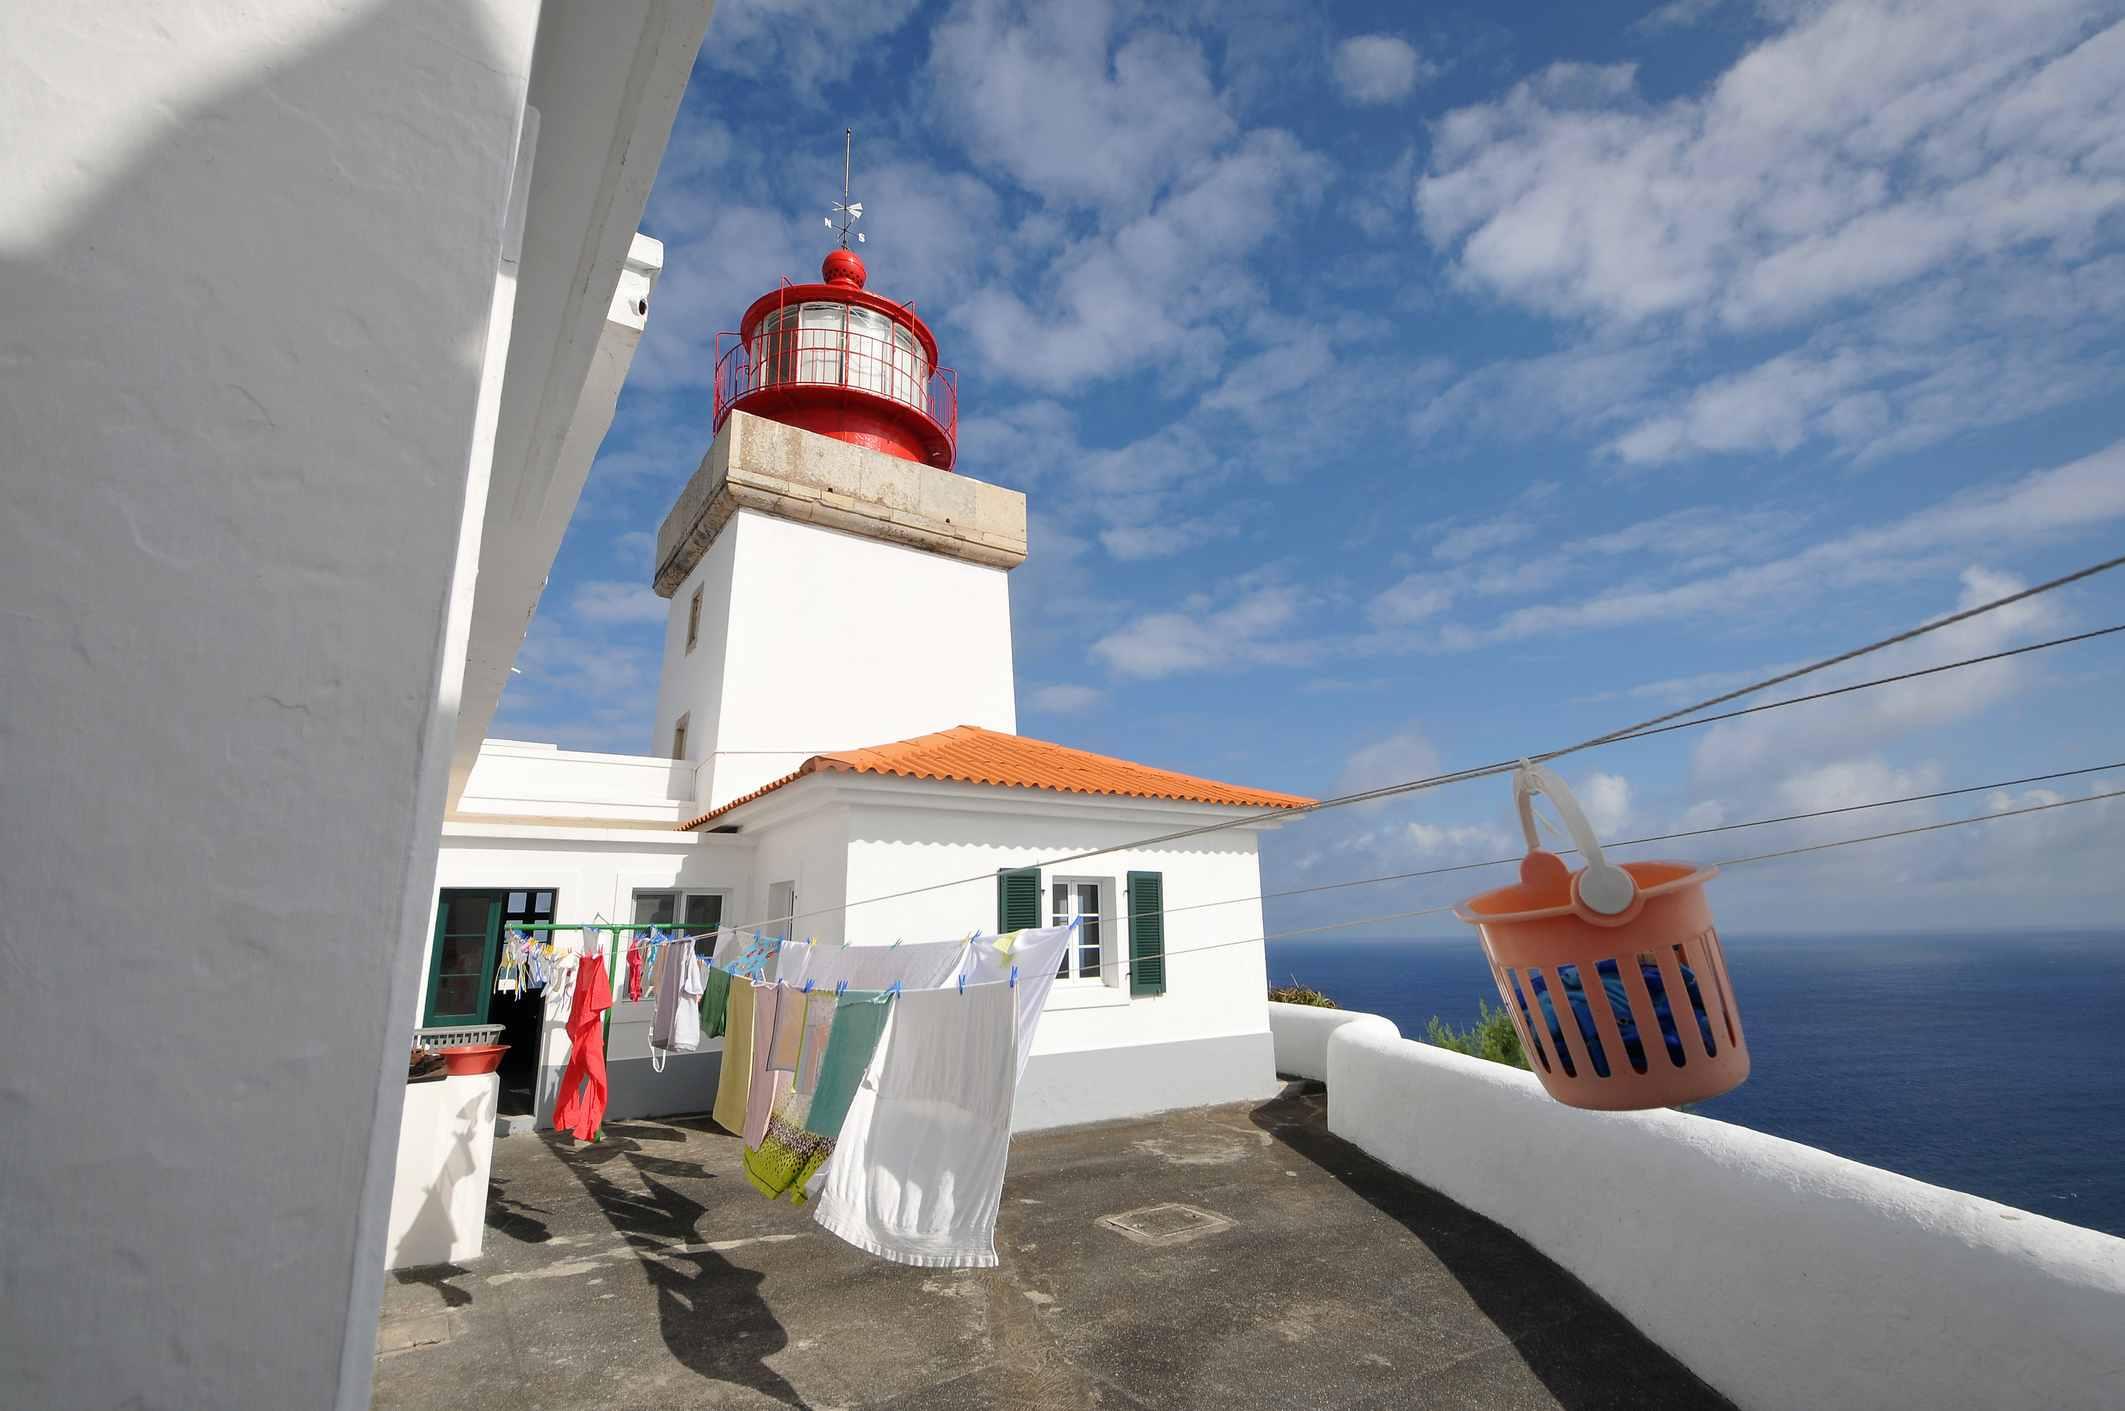 Maia lighthouse, Island of Santa Maria, Azores, Portugal